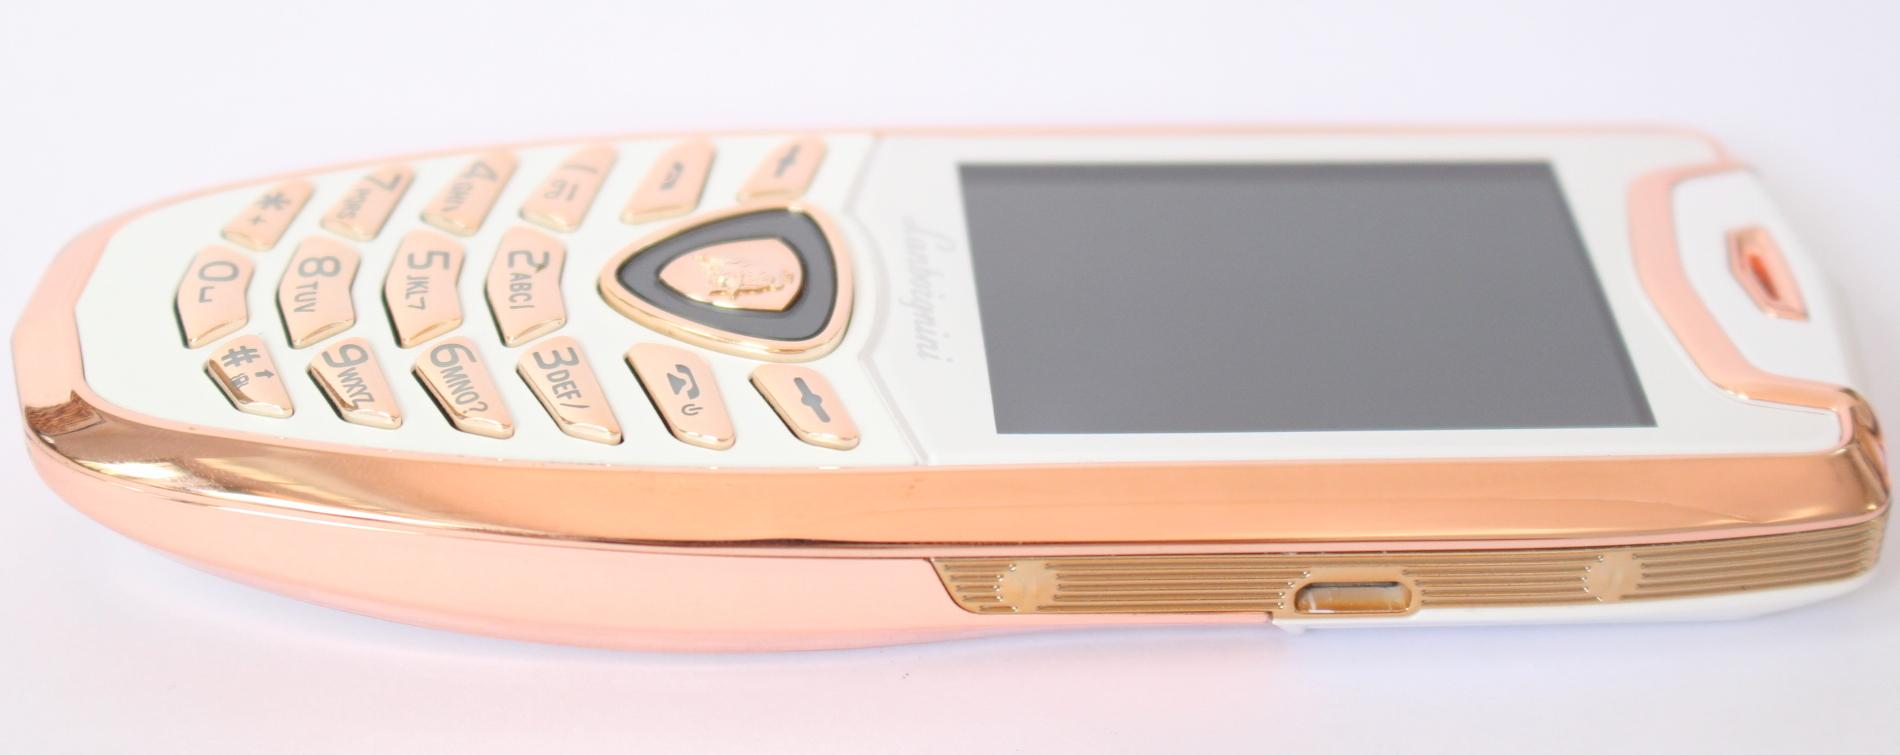 Điện thoại thời trang L800